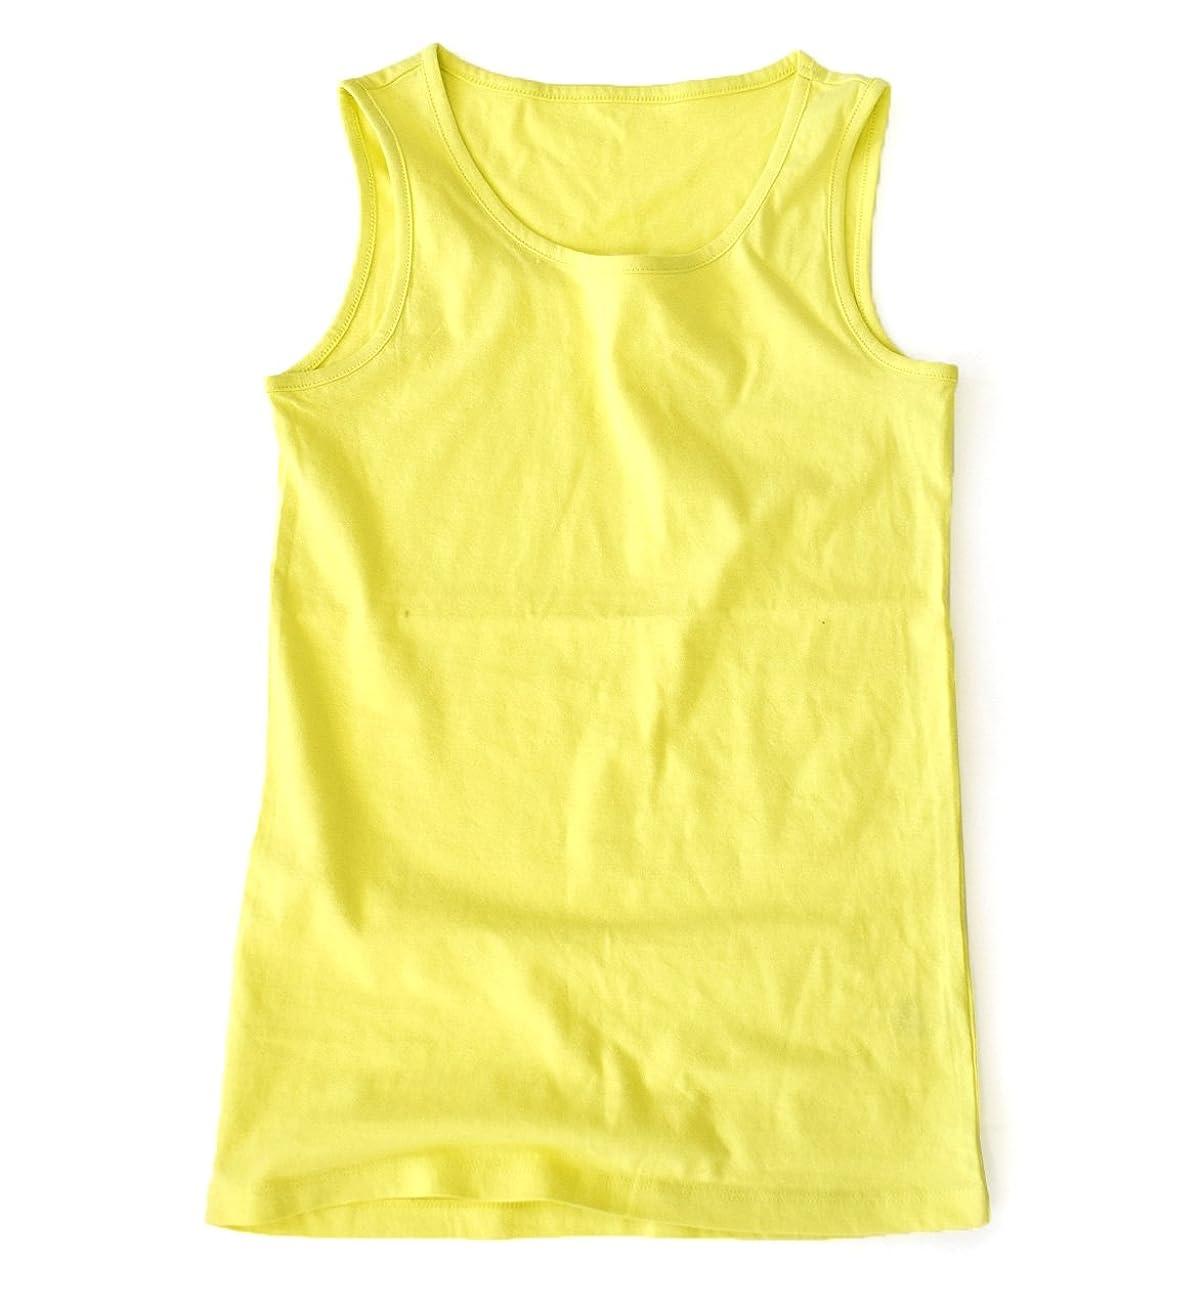 指フィールド定常Hisitosa インナーシャツ メンズ 肌着 5枚組 綿100% 半袖 Vネックtシャツ 防菌防臭 服